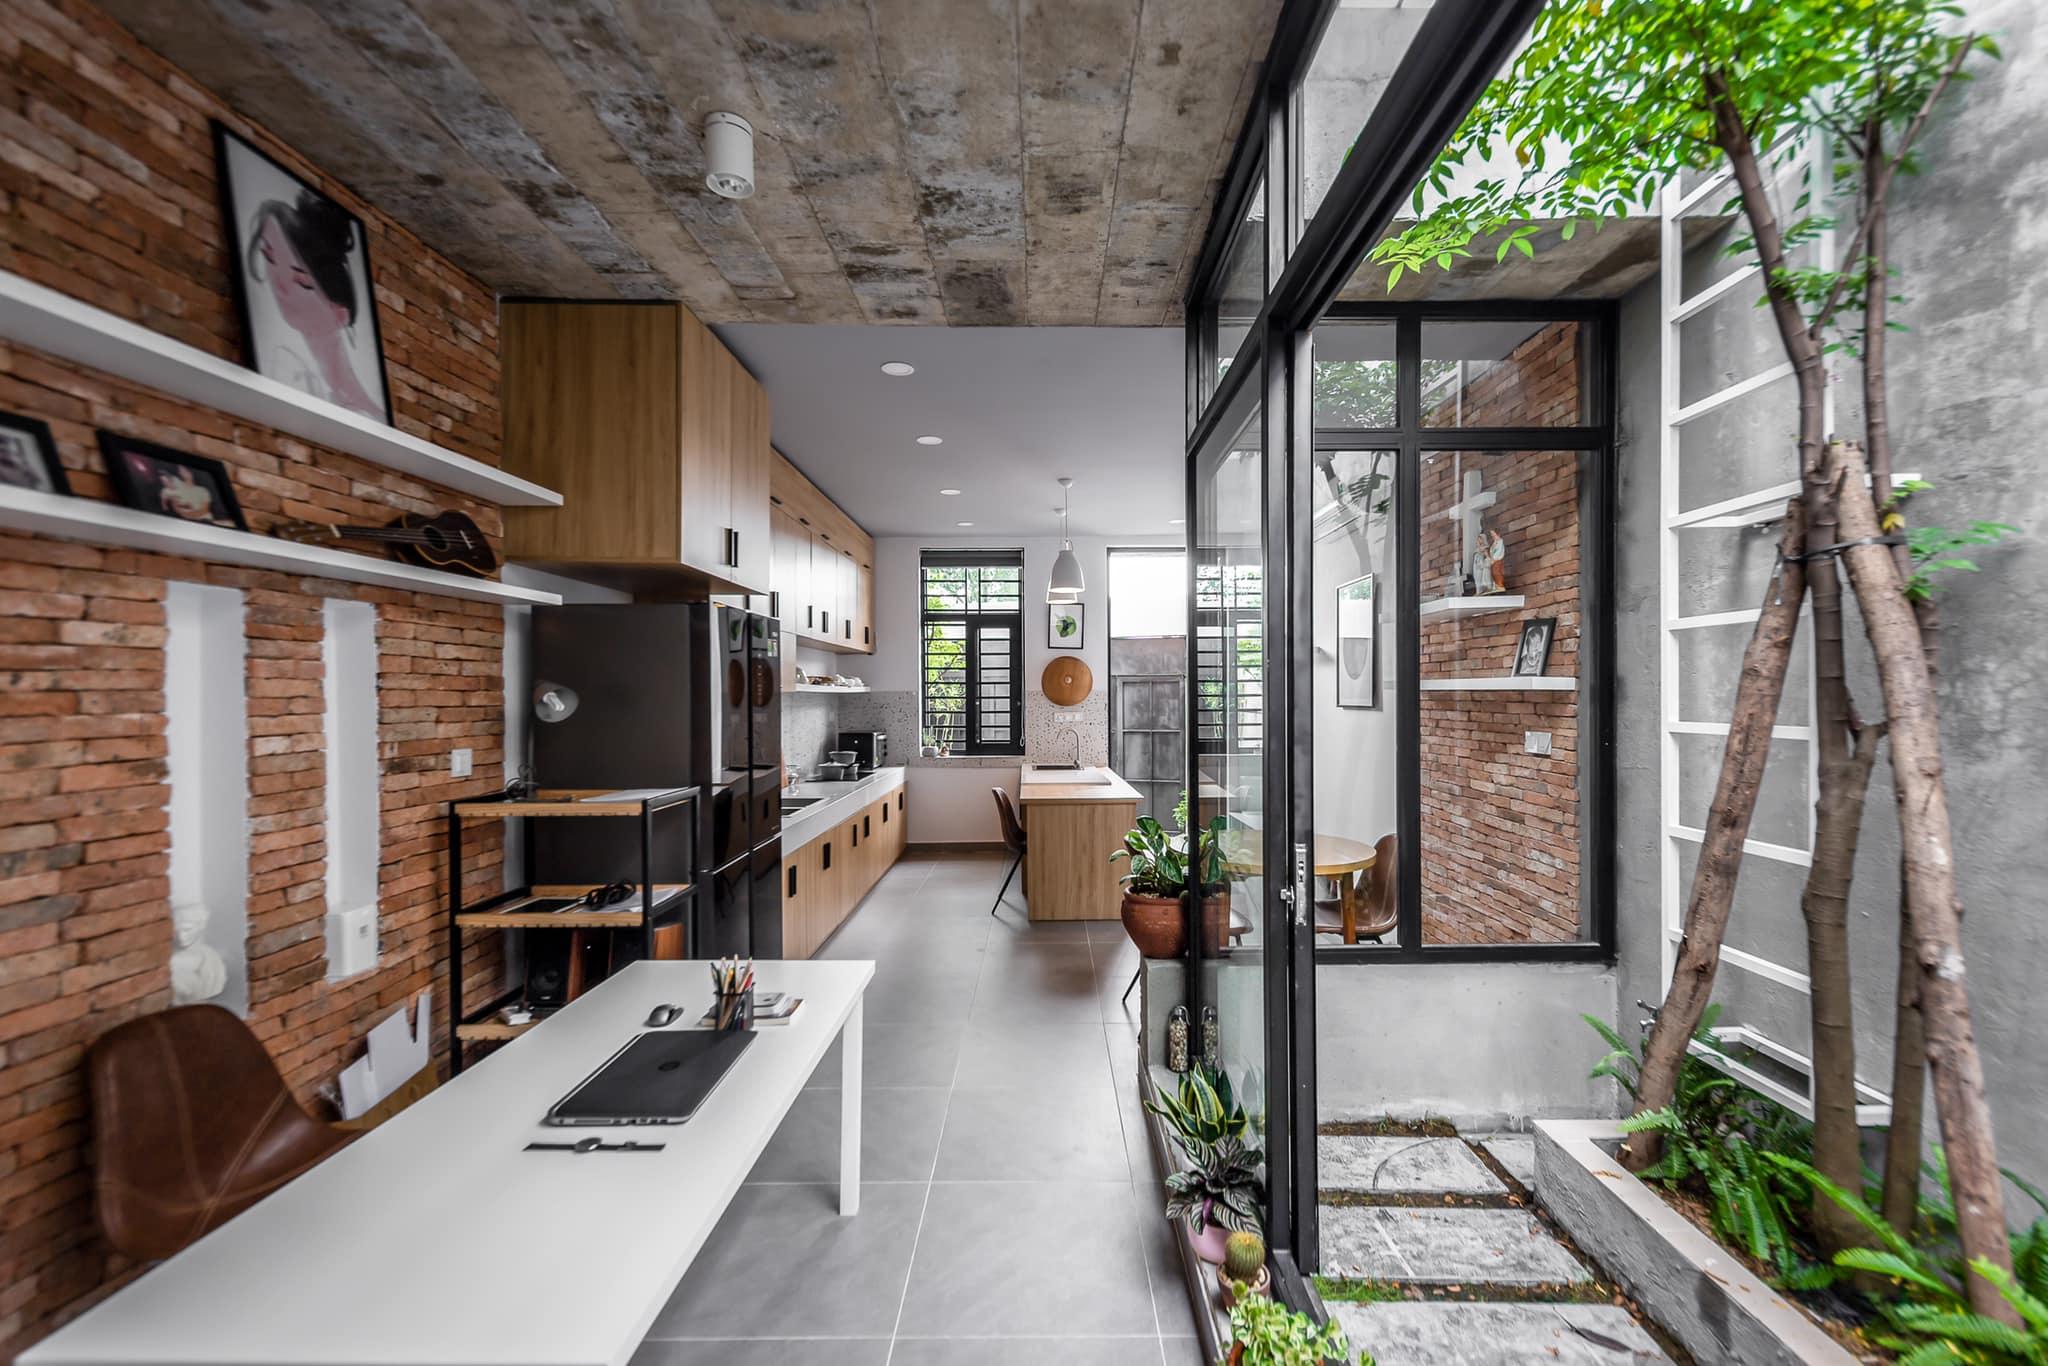 Mặt bằng công năng thiết kế nhà Đà Nẵng